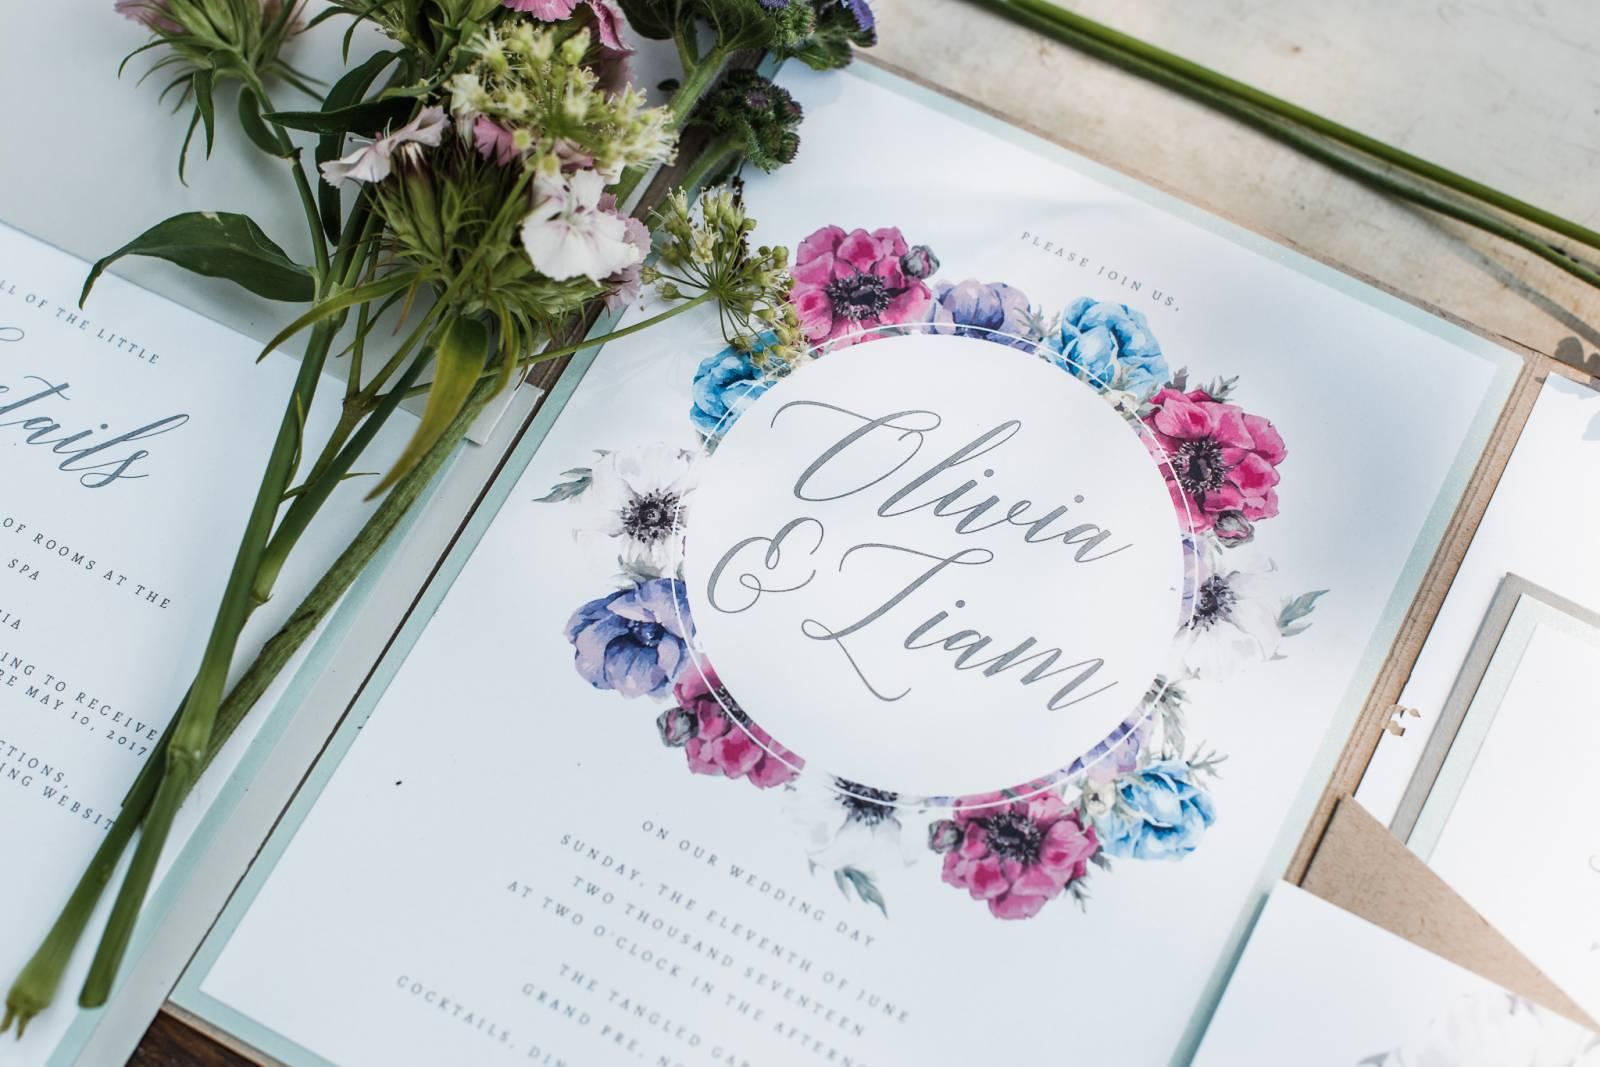 Tangled Garden Wedding Inspiration Shoot, Nova Scotia | Nova Scotia ...